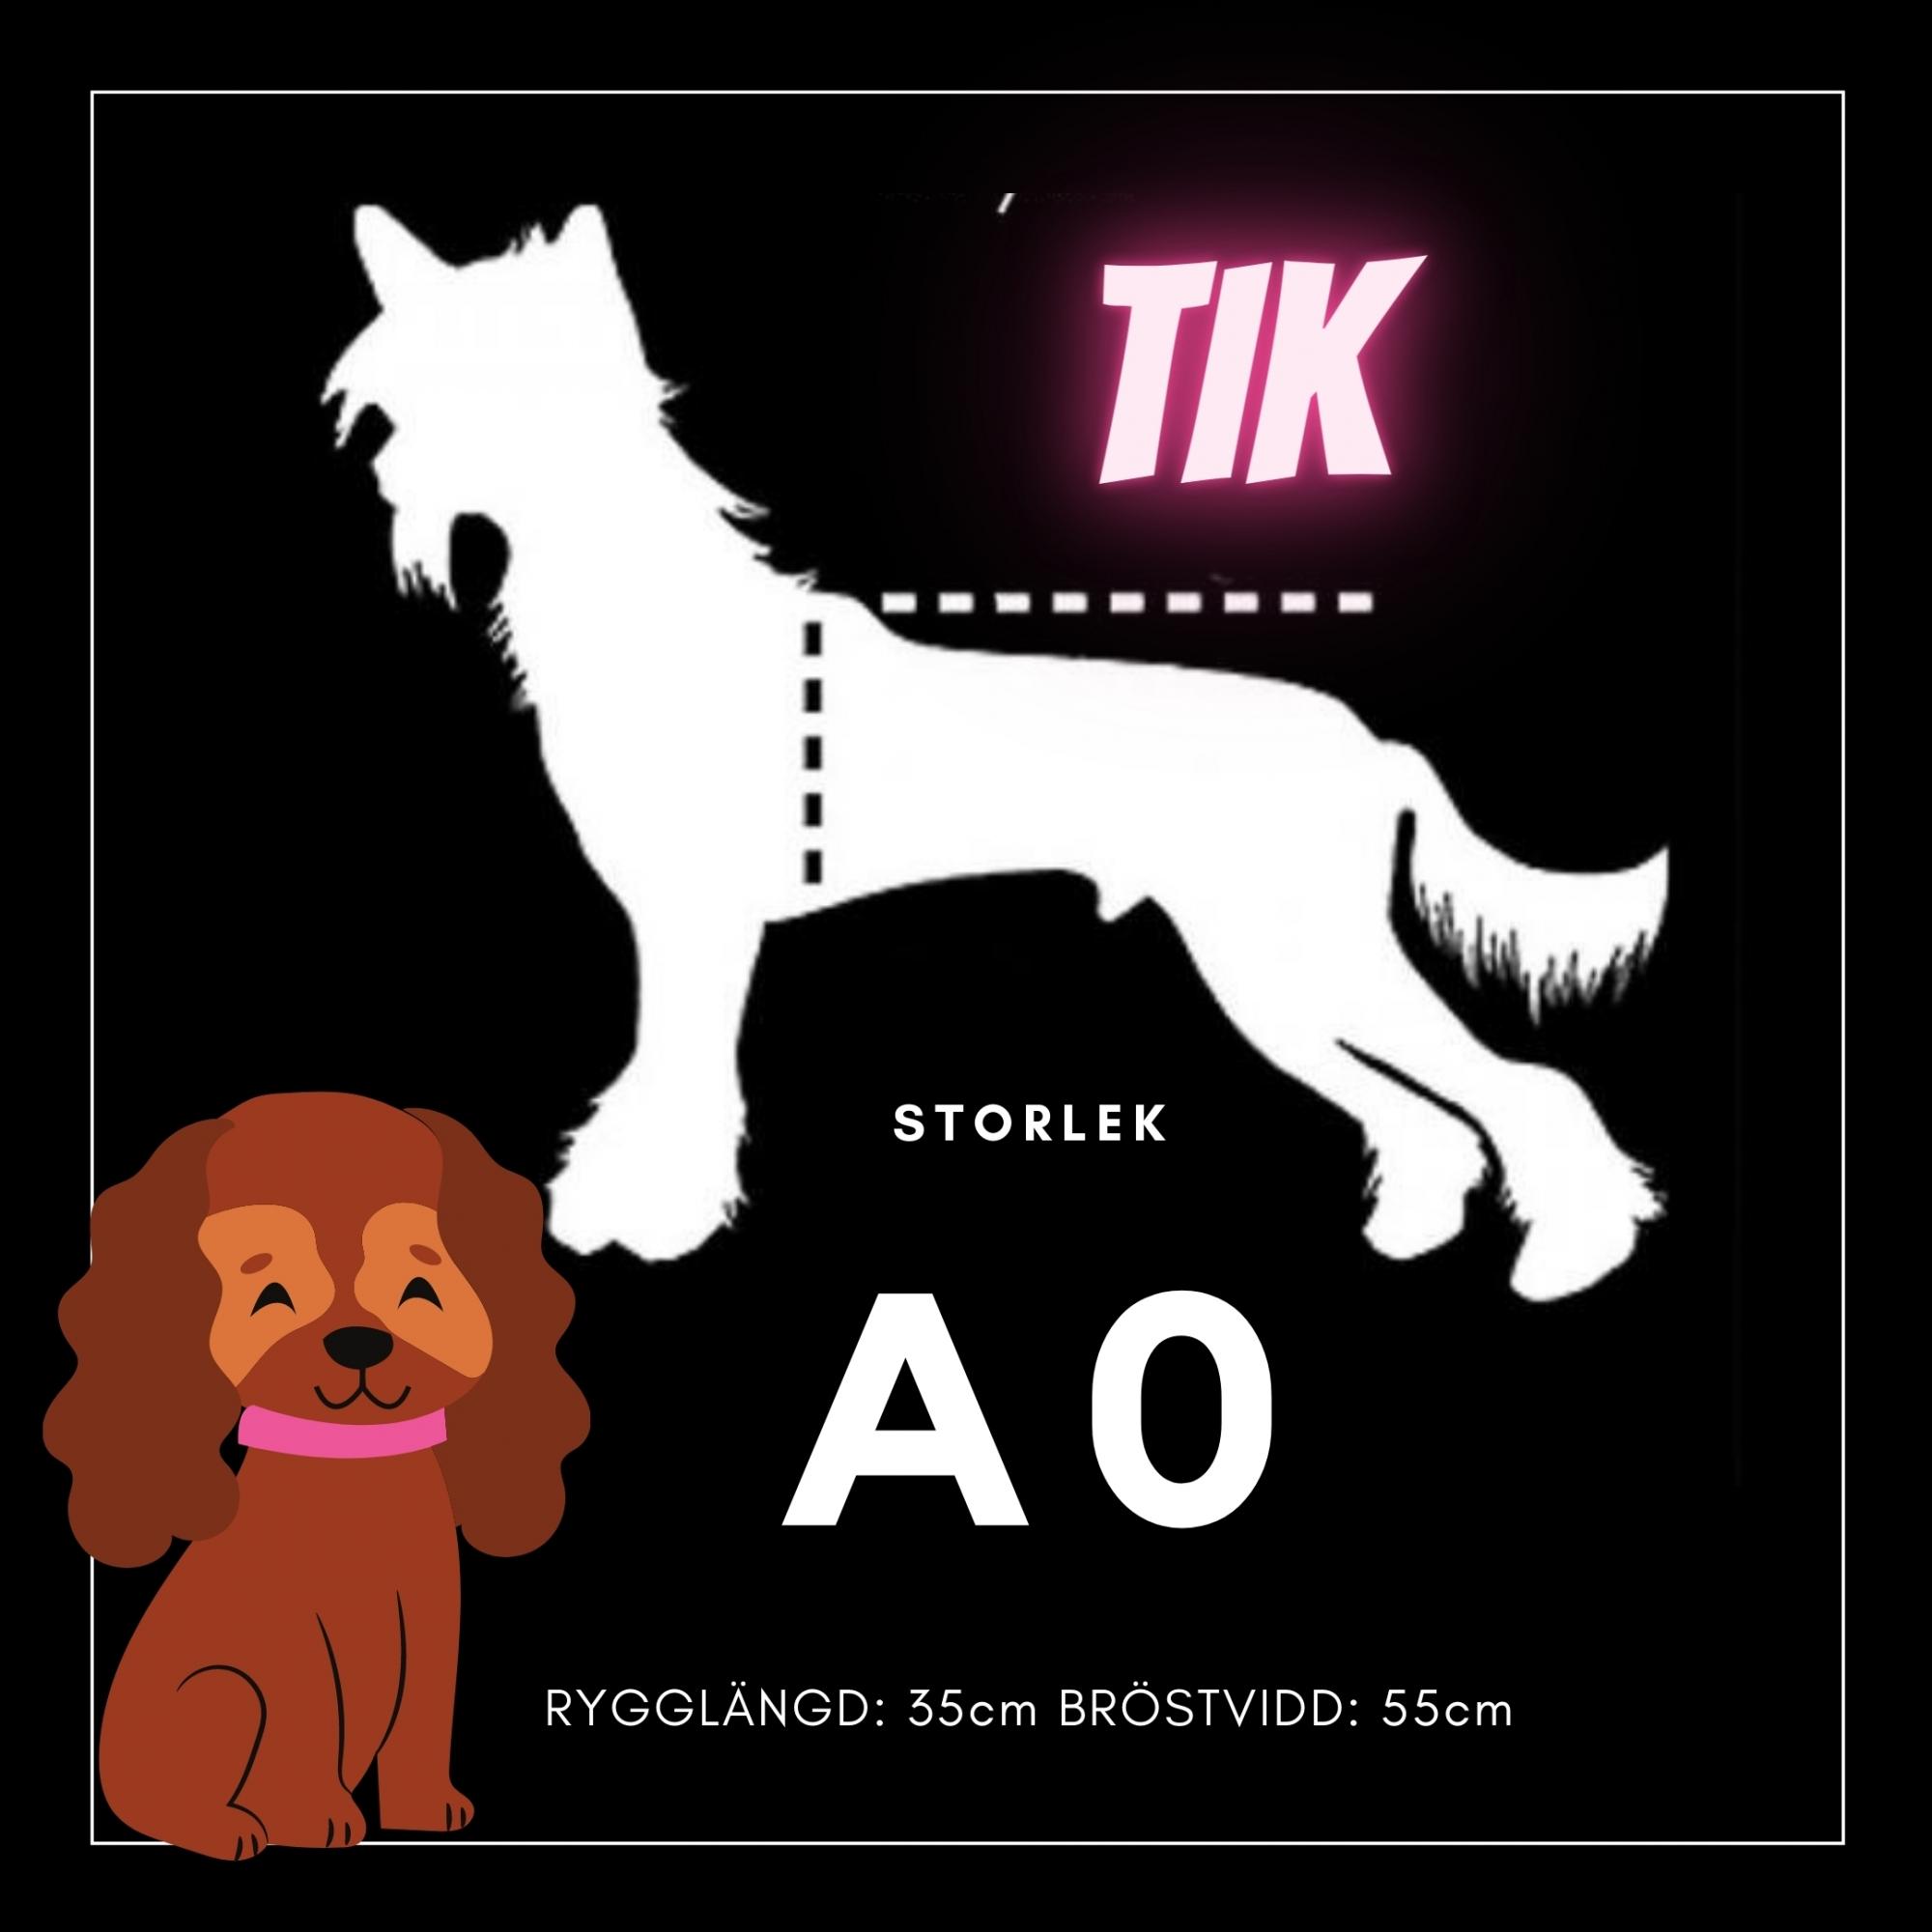 Tik Storlek A0 - Passion For Pet Fashion